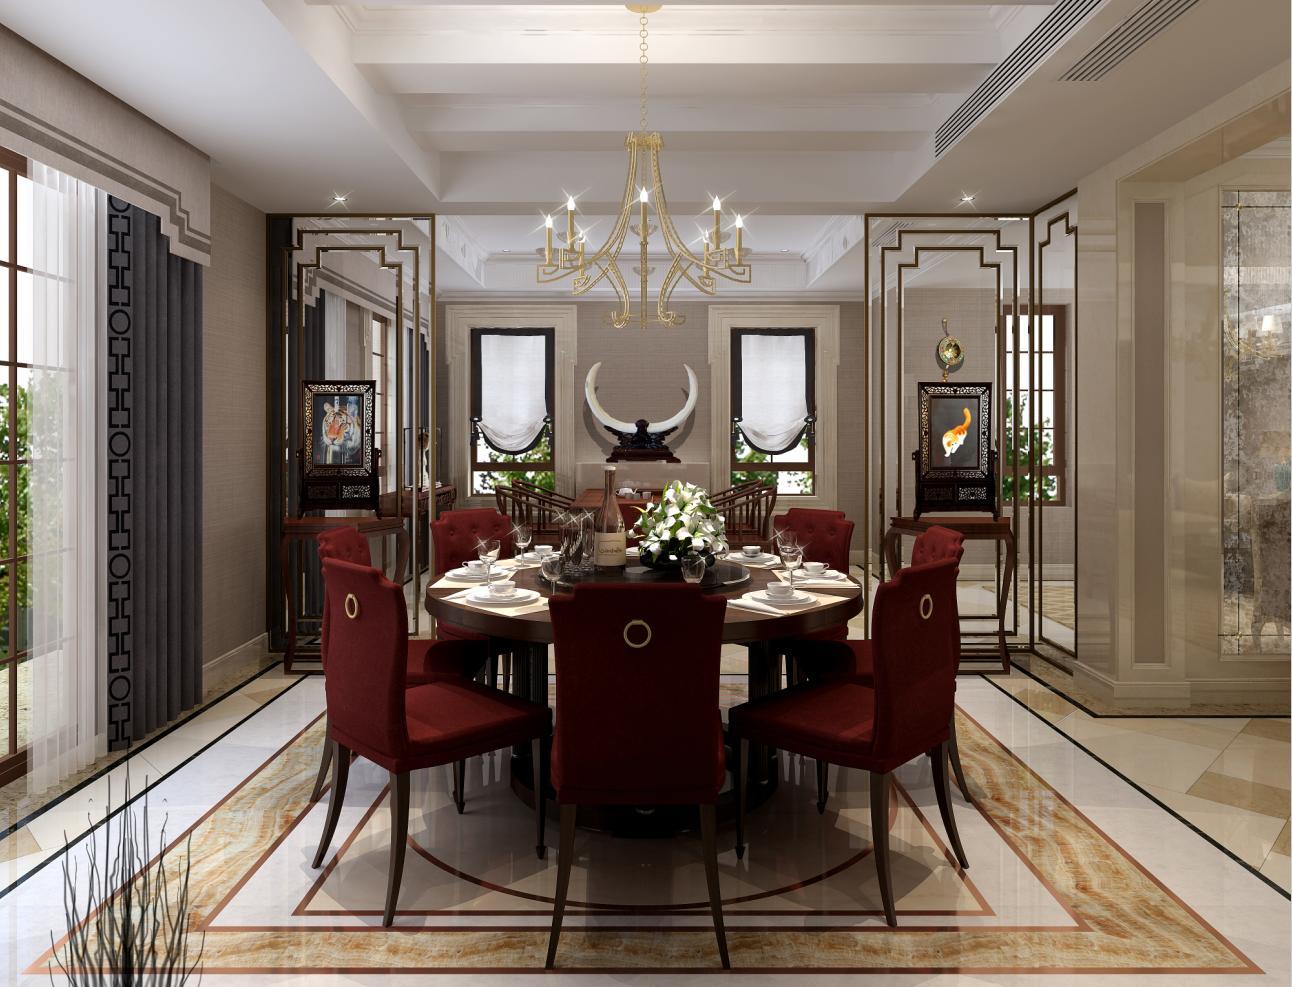 圣堡别墅 装修设计 法式风格 腾龙设计 沈韬作品 餐厅图片来自孔继民在圣堡别墅项目装修法式风格设计1的分享